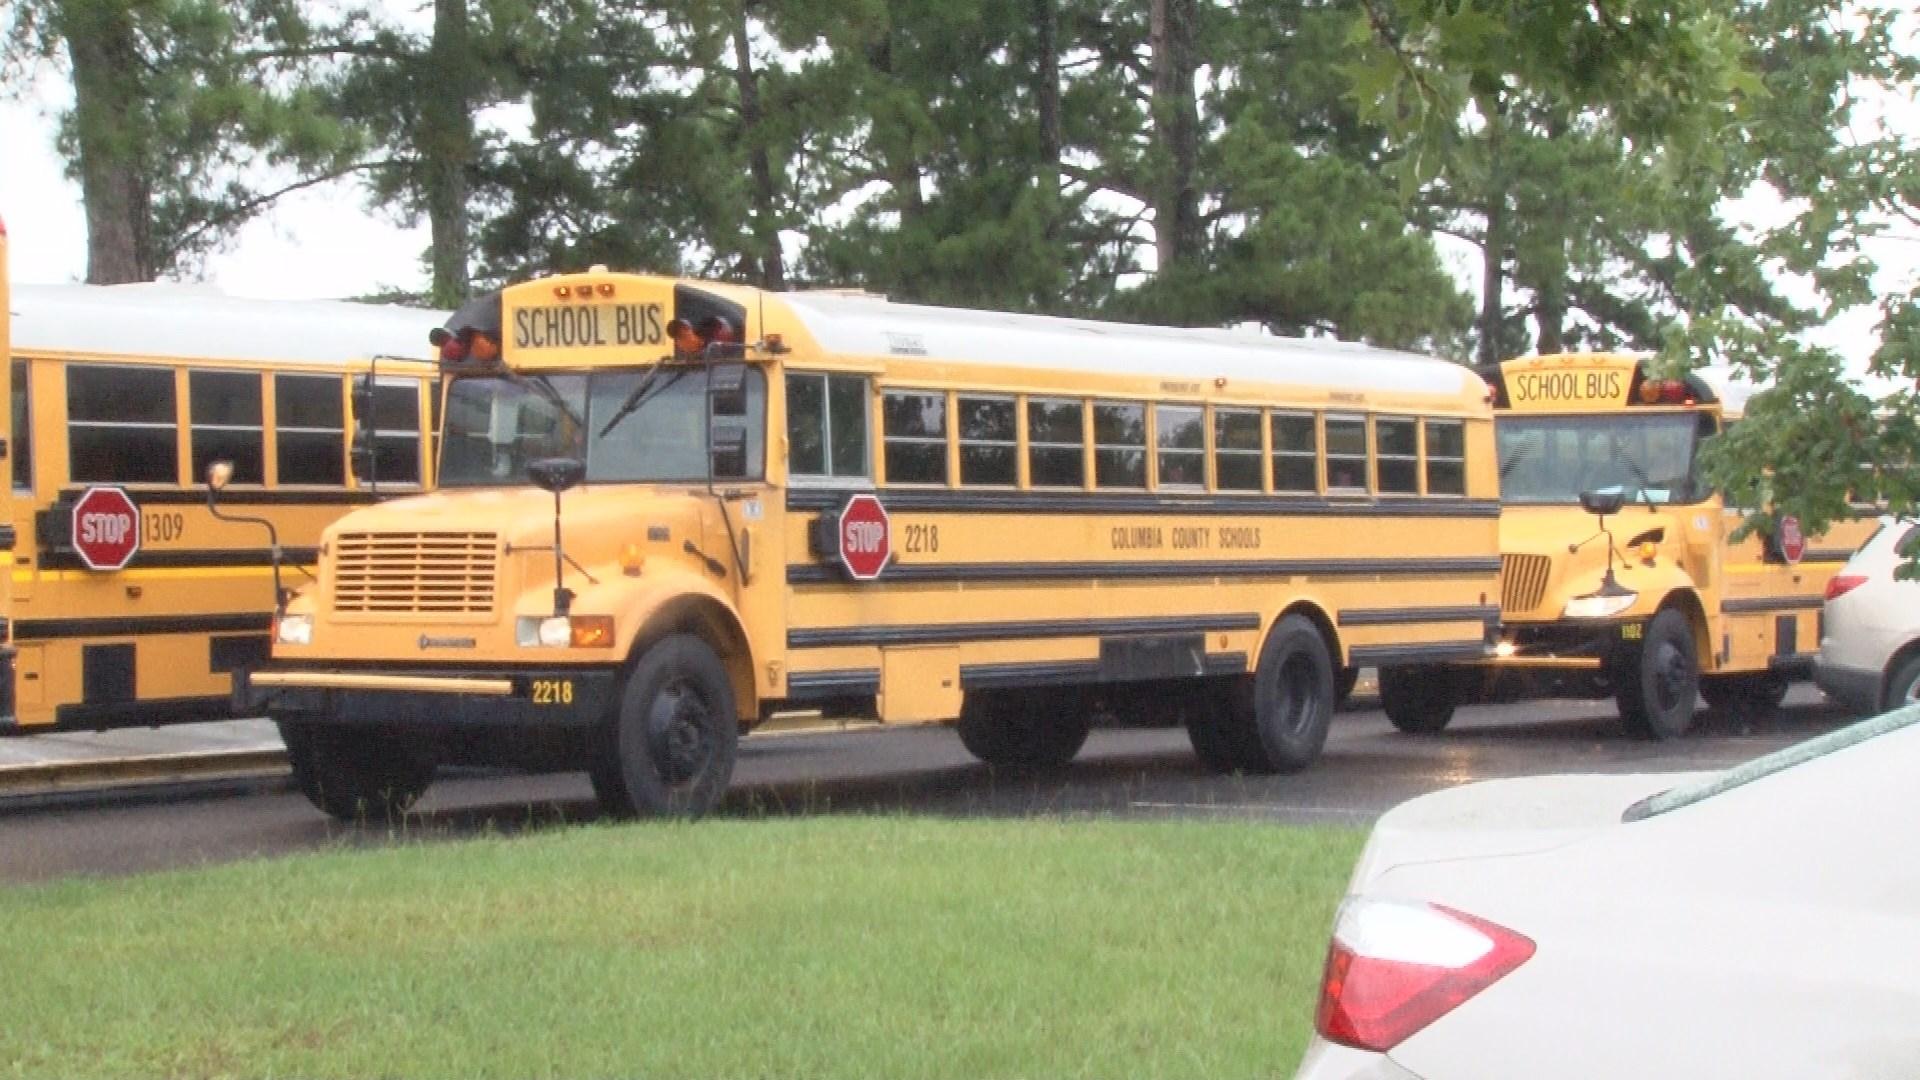 Columbia county school buses (WFXG)